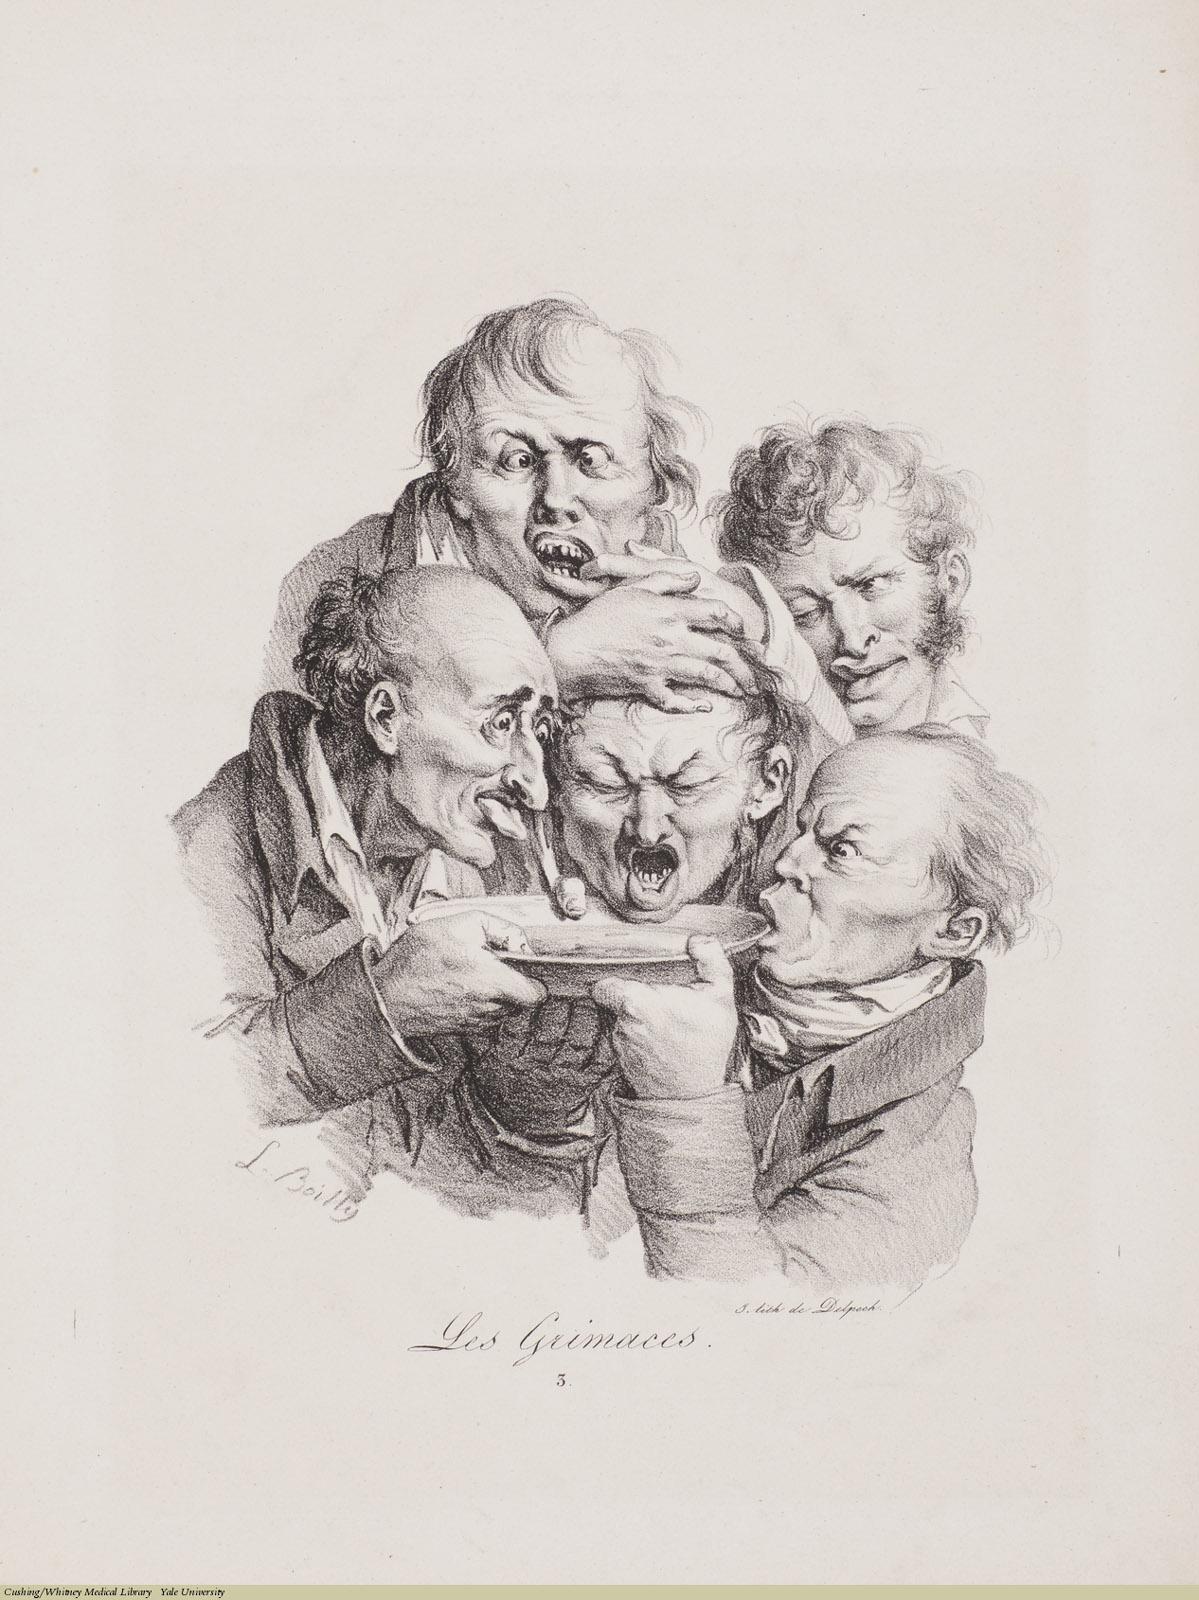 Les Grimaces 3, Louis-Léopold Boilly, Lithograph, 1823.